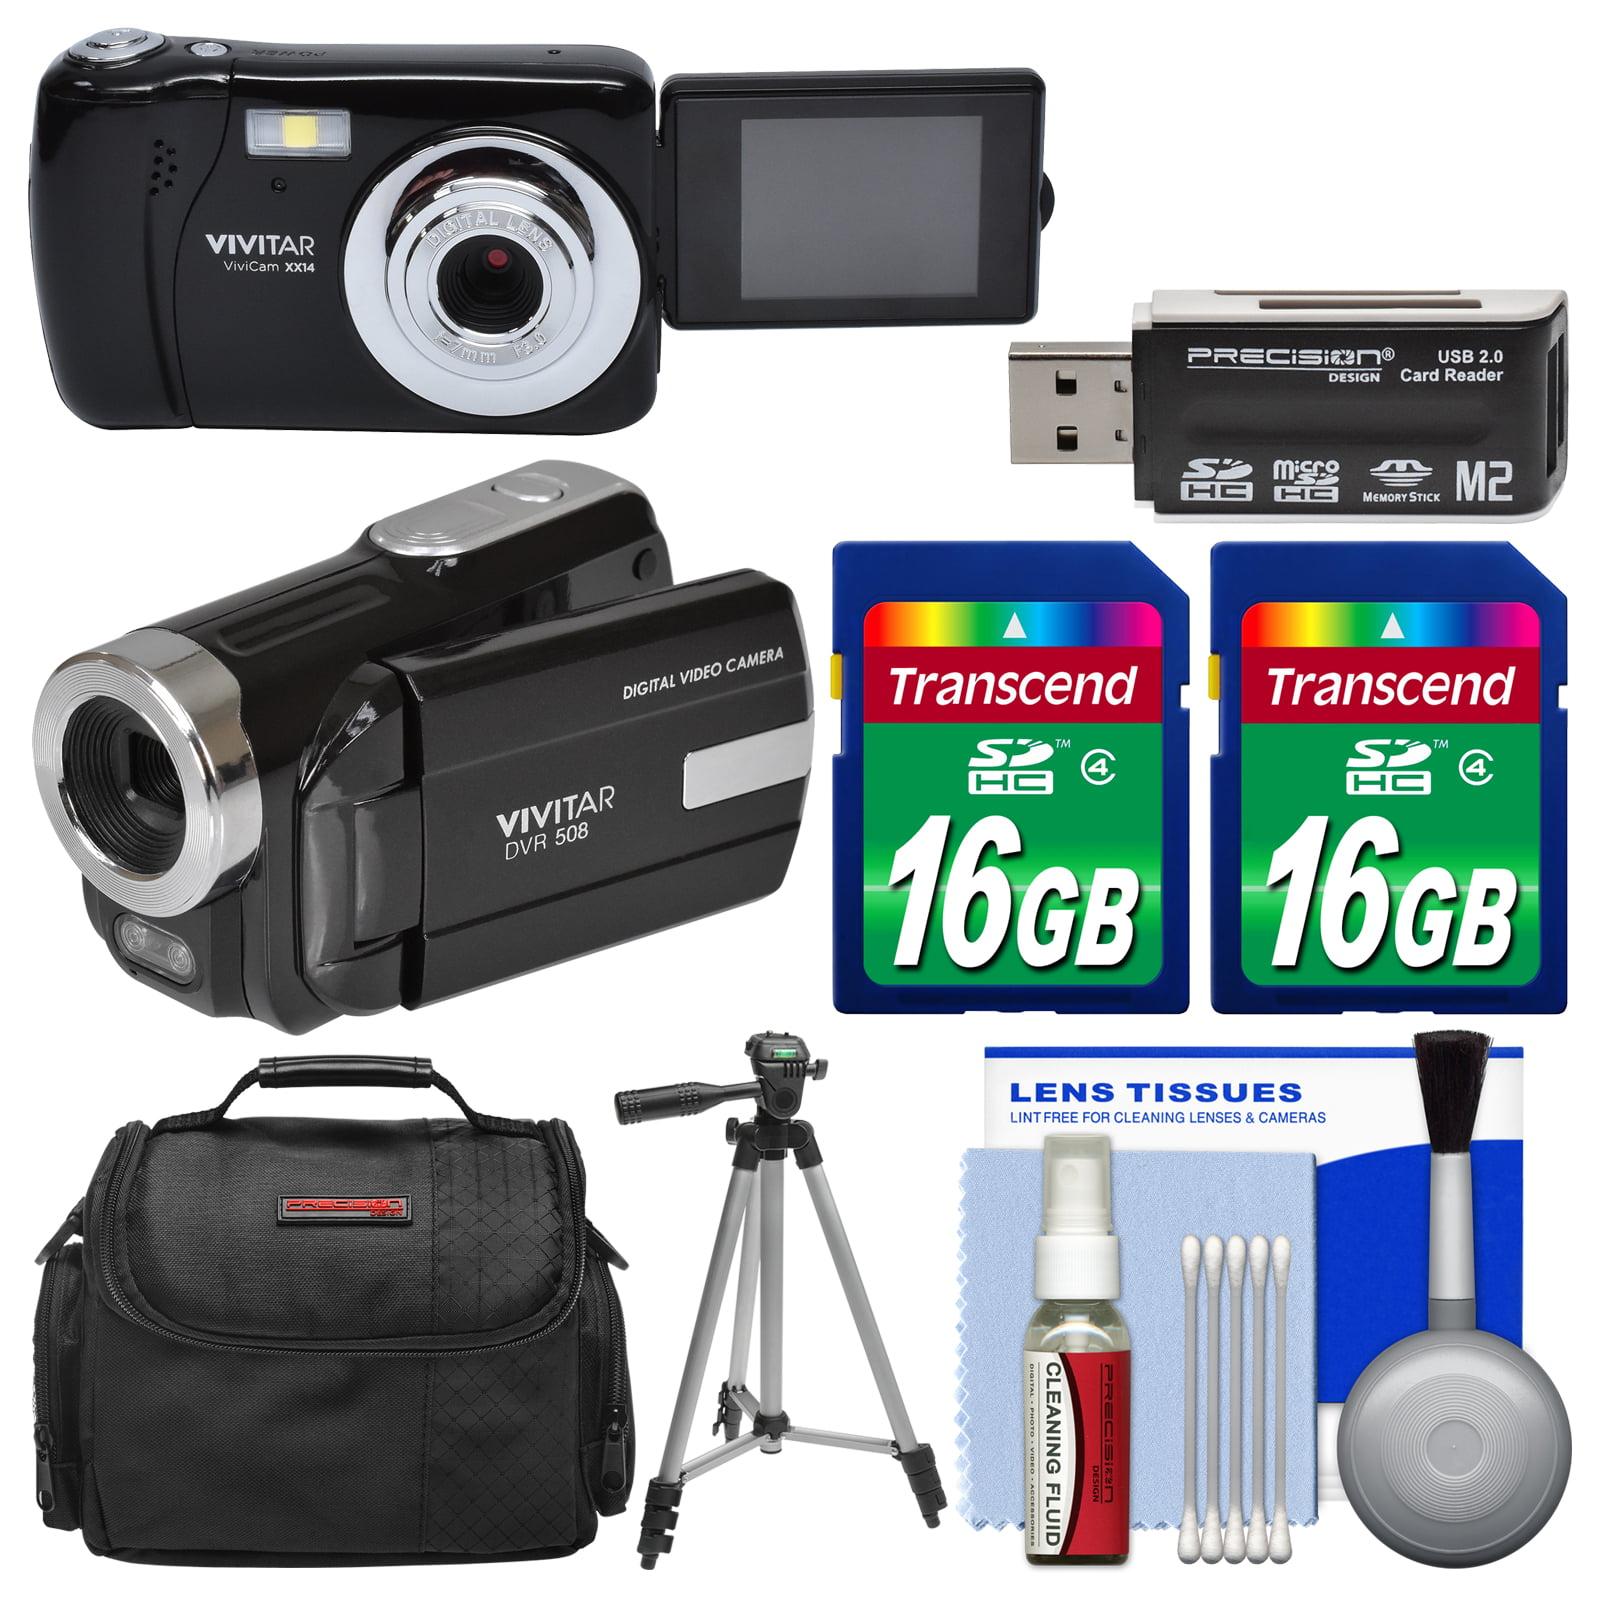 Vivitar ViviCam VXX14 Selfie Digital Camera & DVR-508 HD Camcorder (Black) with (2) 16GB Cards + Case + Tripod... by Vivitar